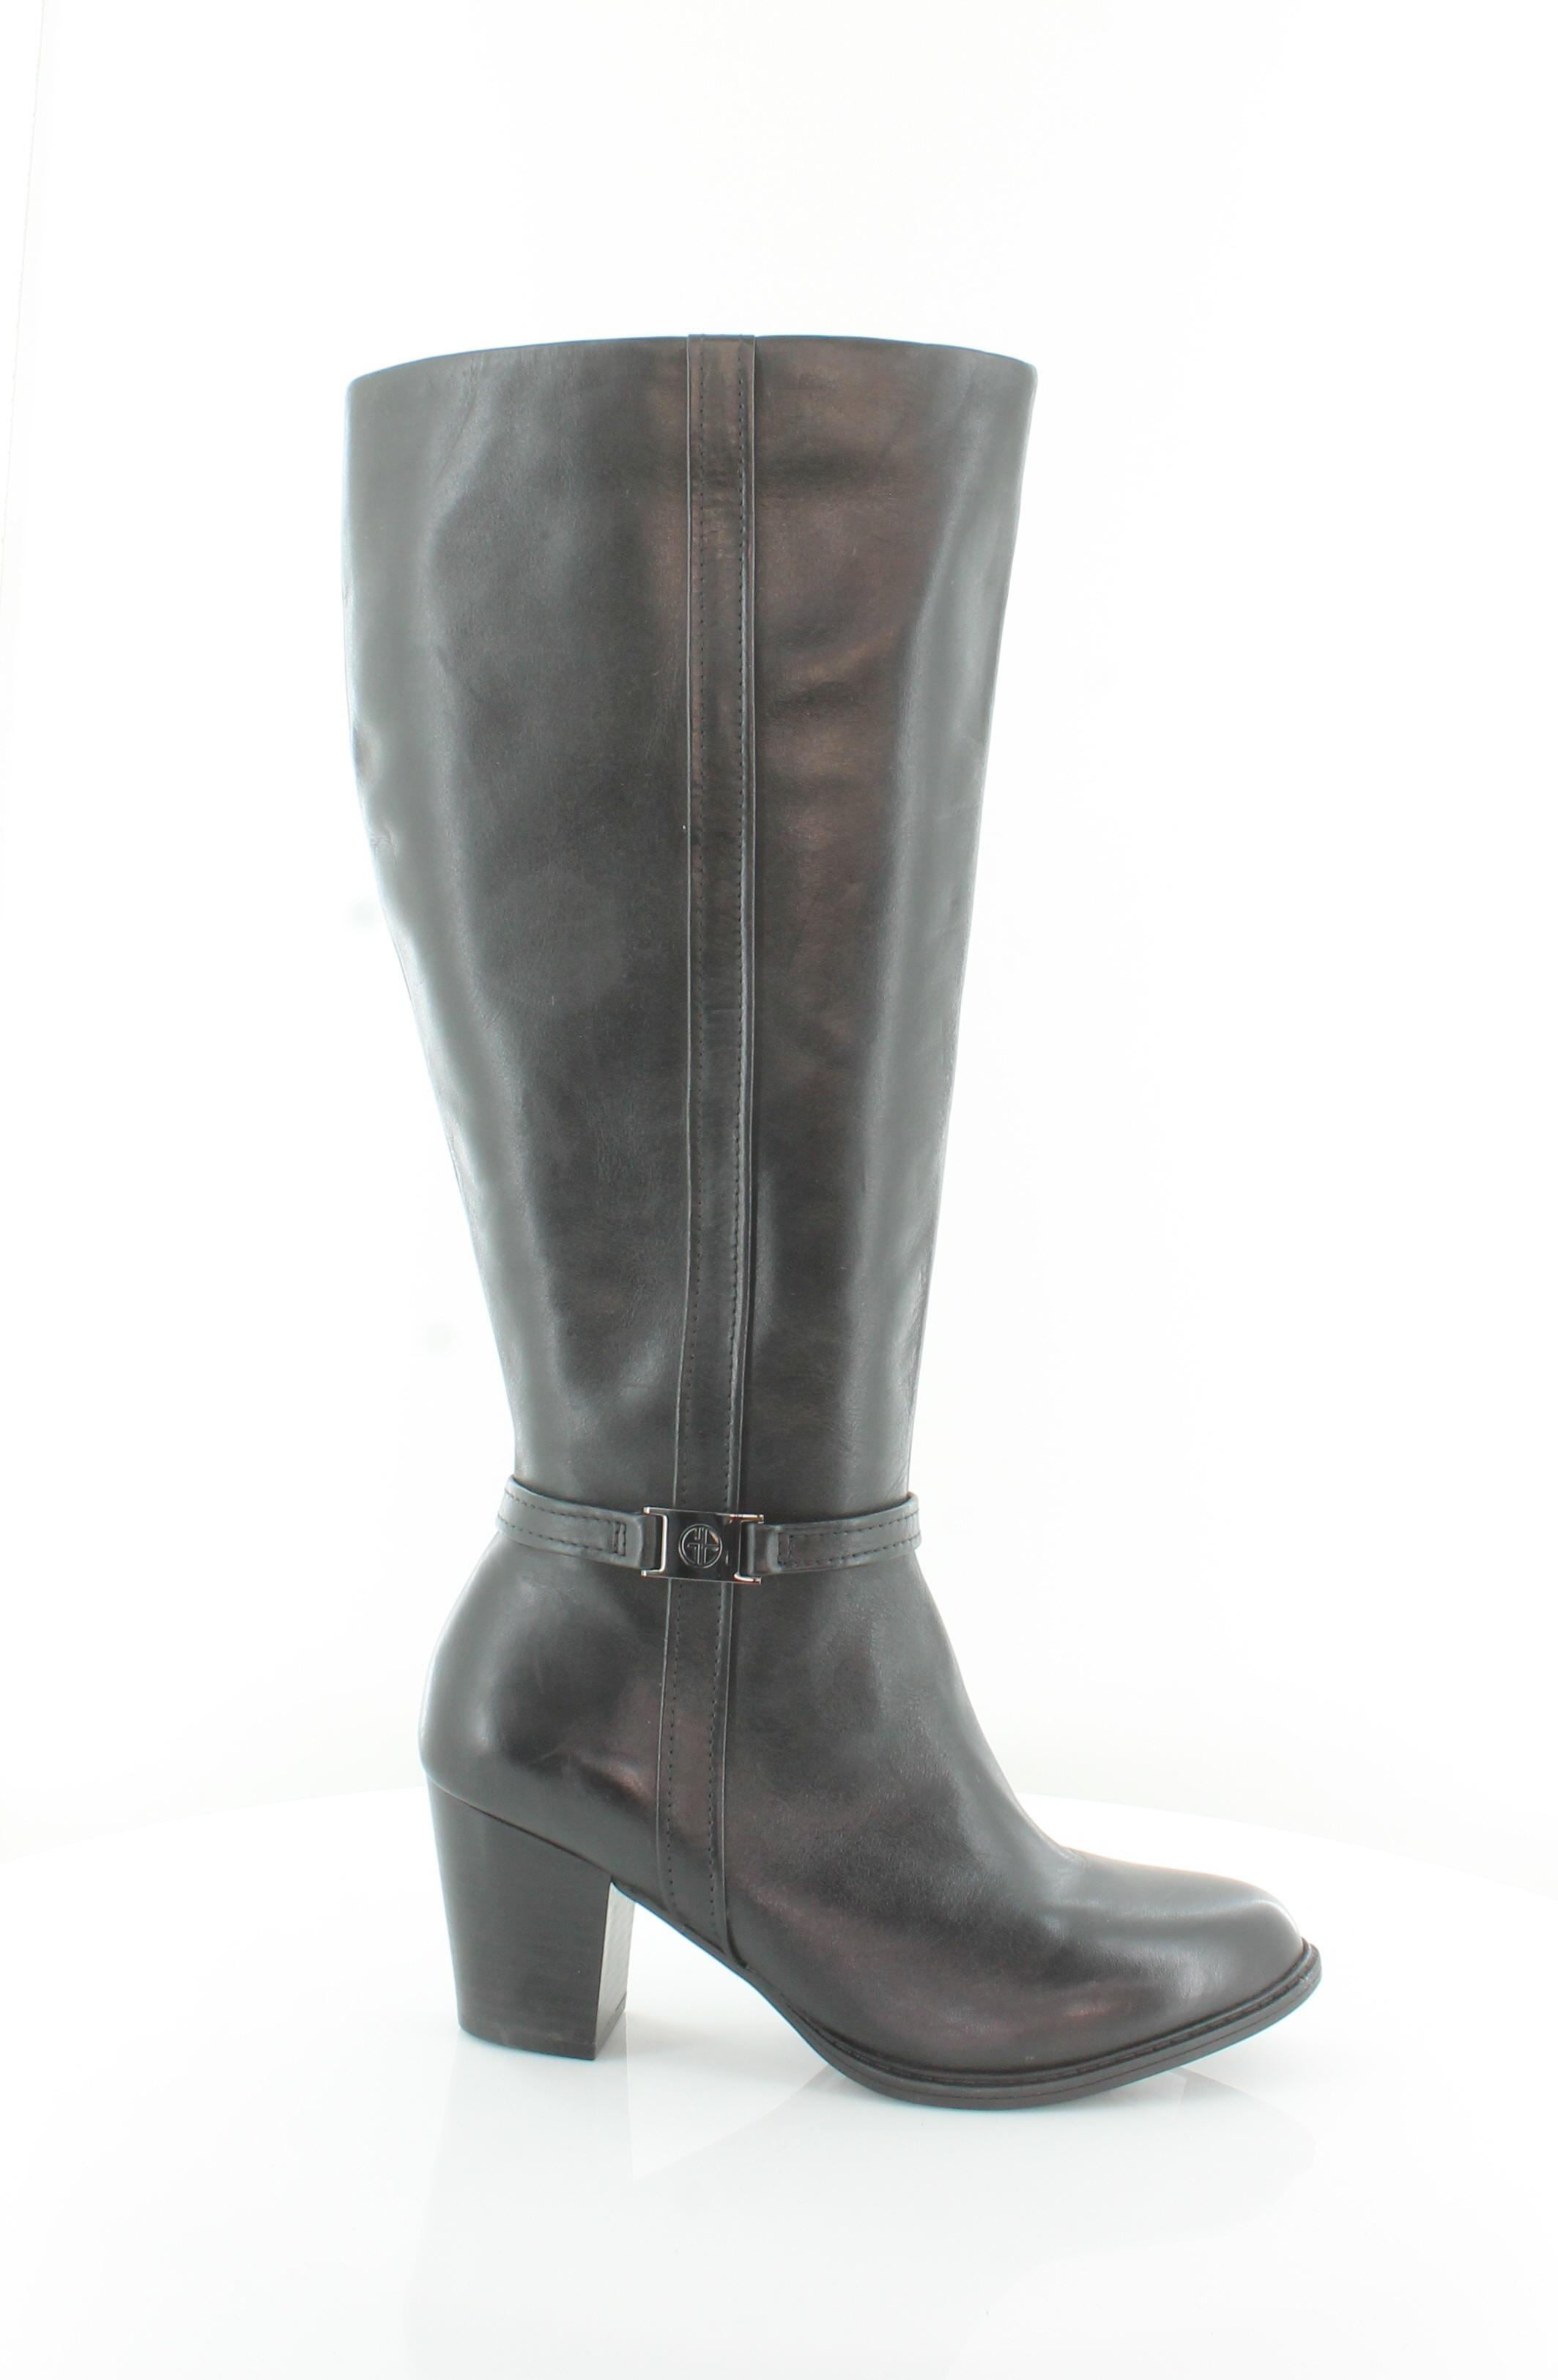 Giani Bernini Raiven Negro Zapatos para para para mujer Talla 9 M botas precio minorista sugerido por el fabricante  179.99  distribución global